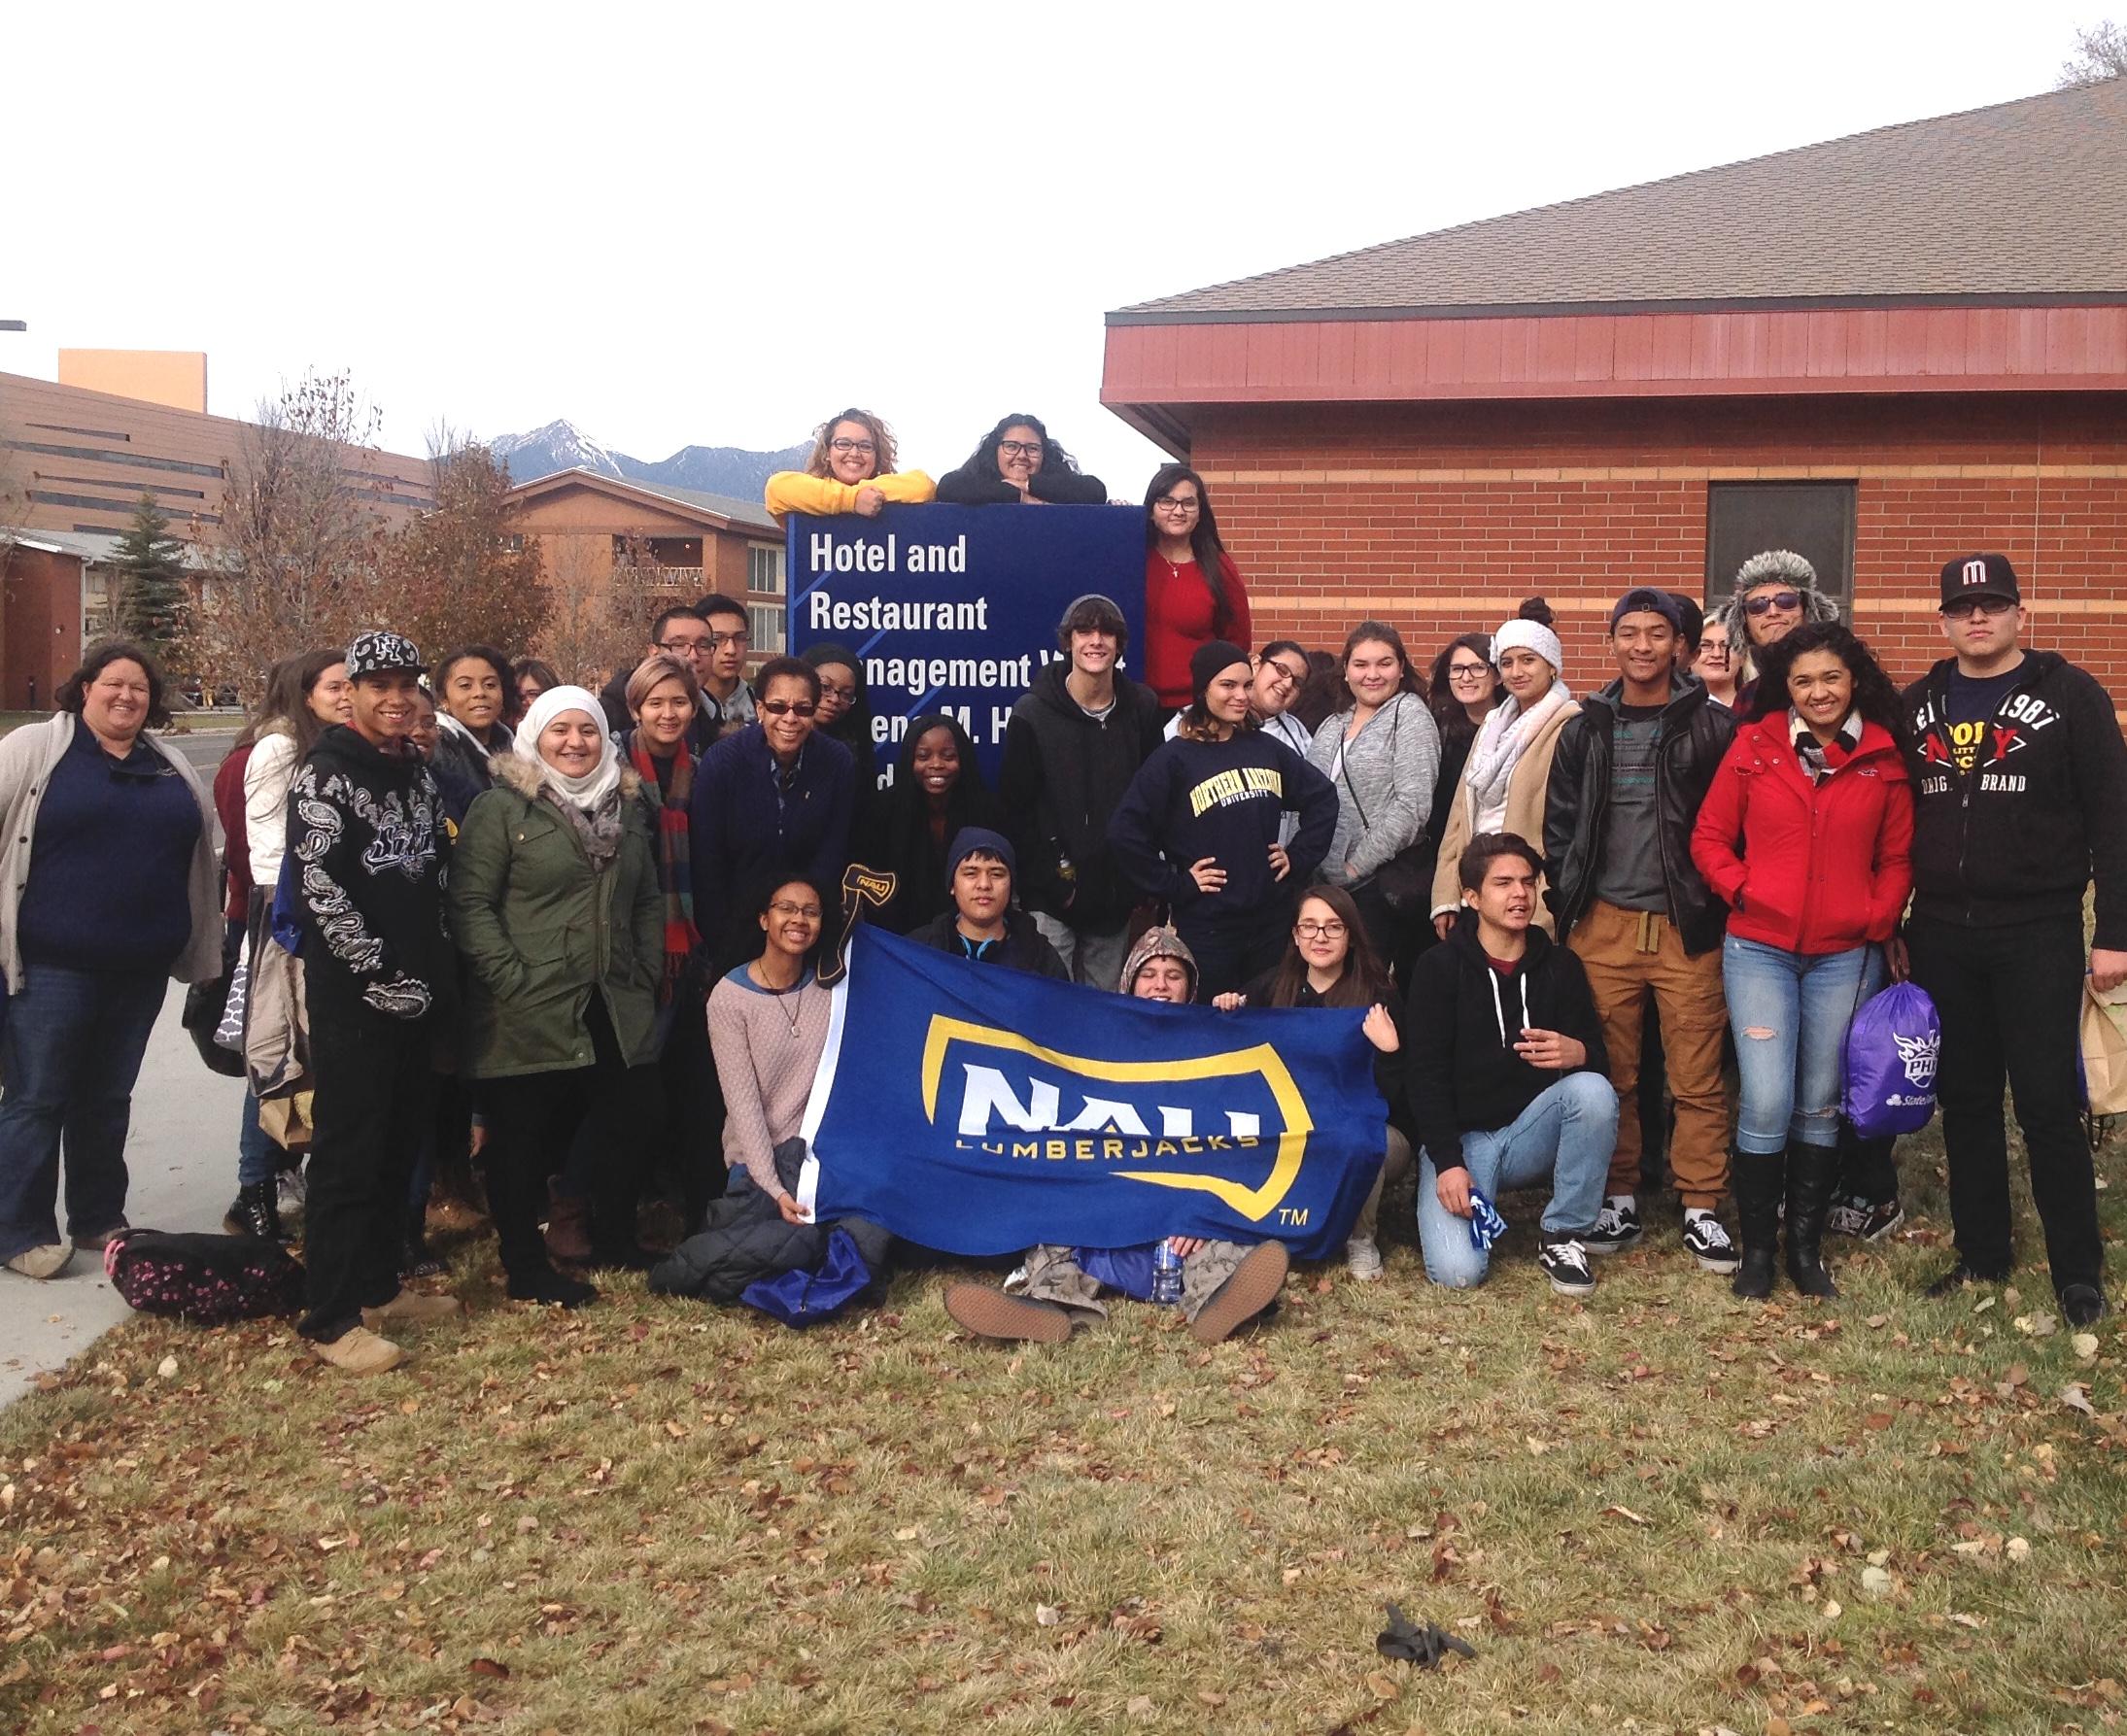 NAU SHRM students